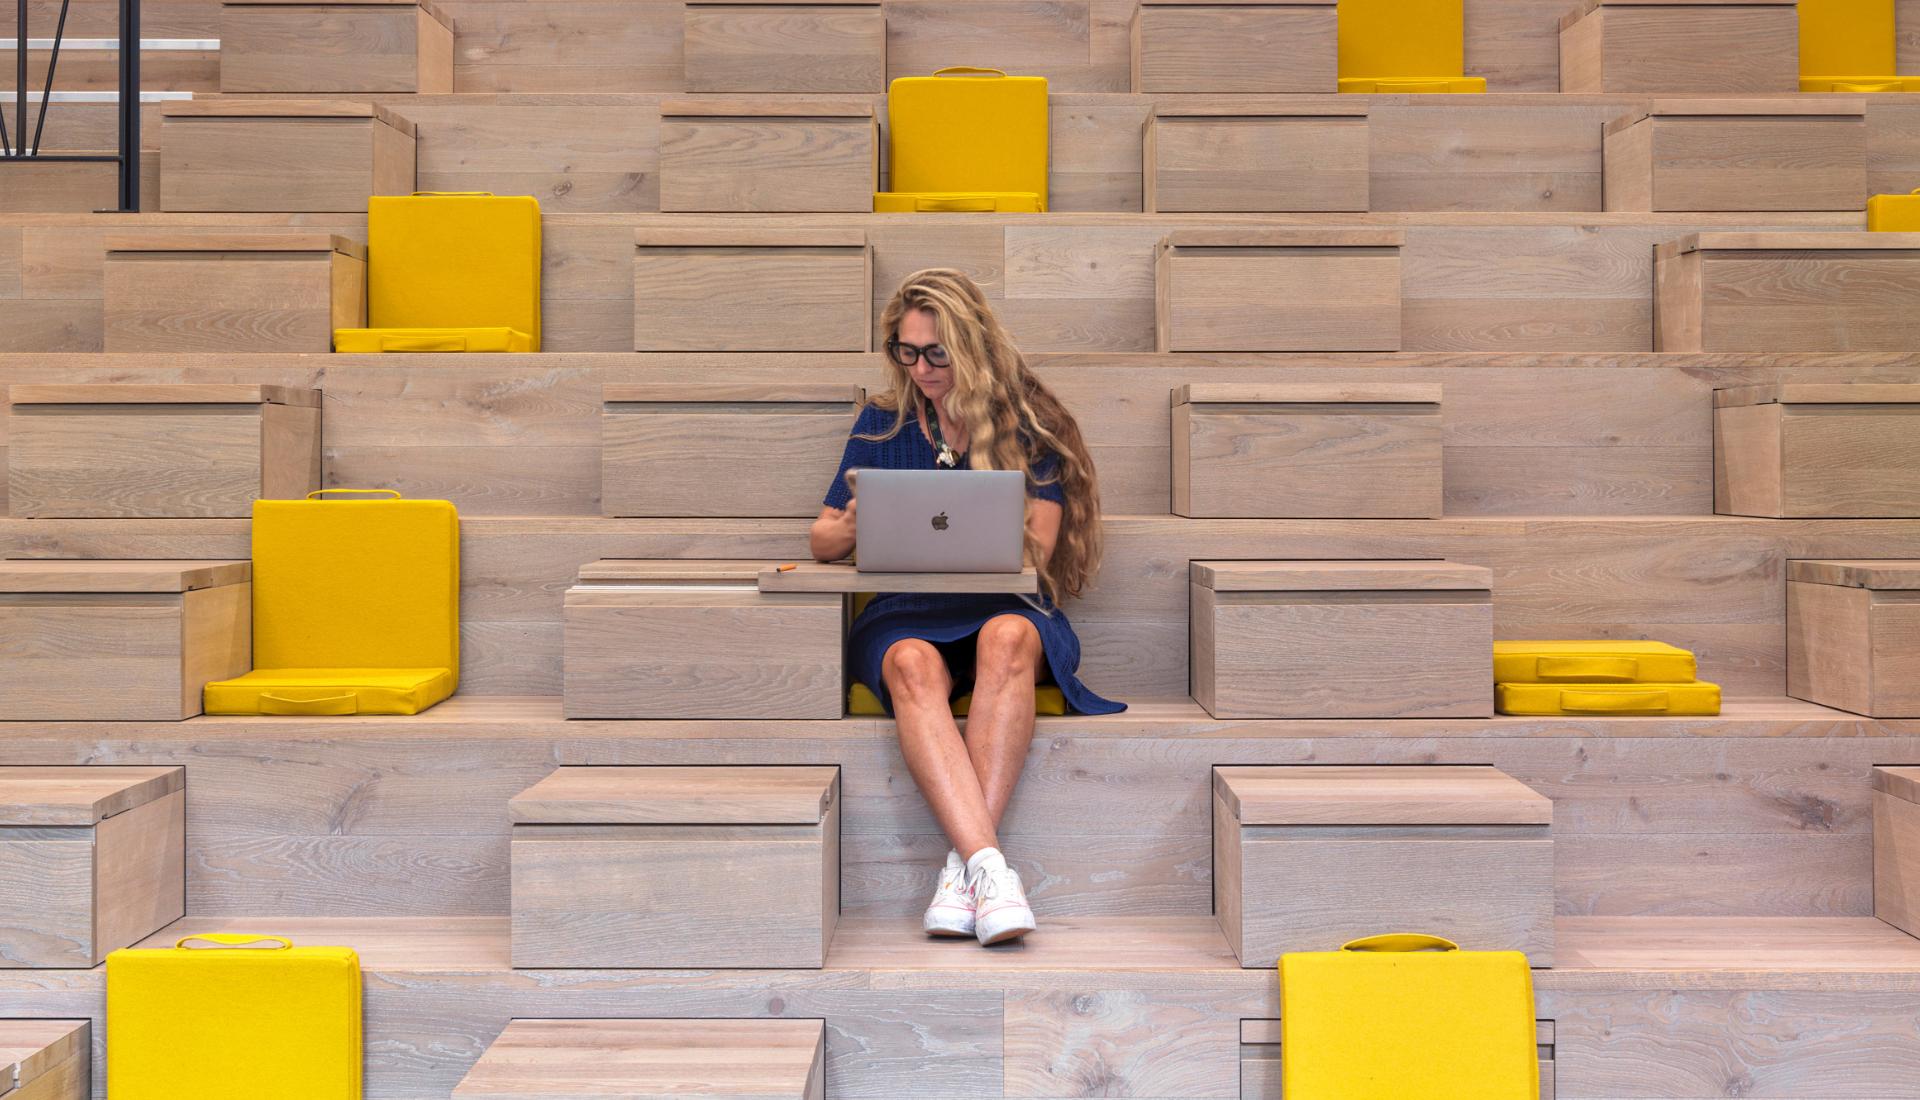 Тренды 2020/2021:  дом для работы и ментально здоровая архитектура